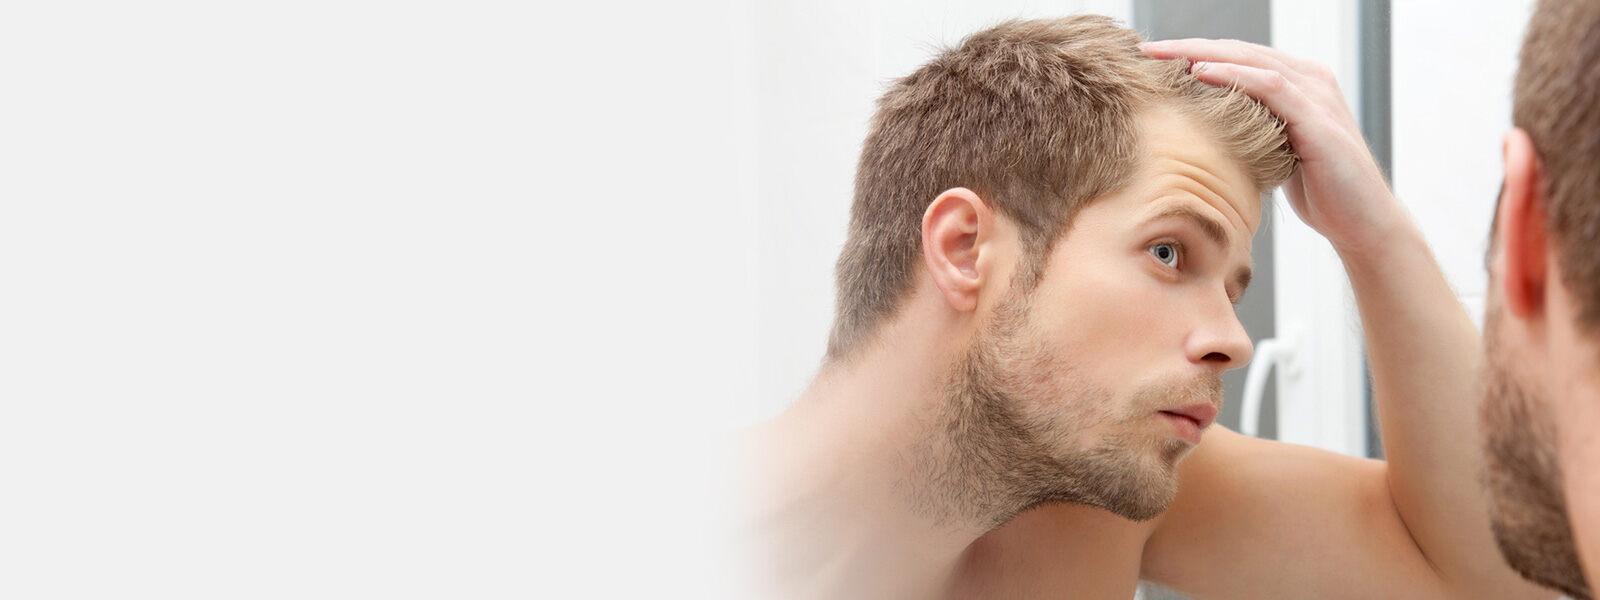 homme aux cheveux châtains qui se regarde dans un miroir